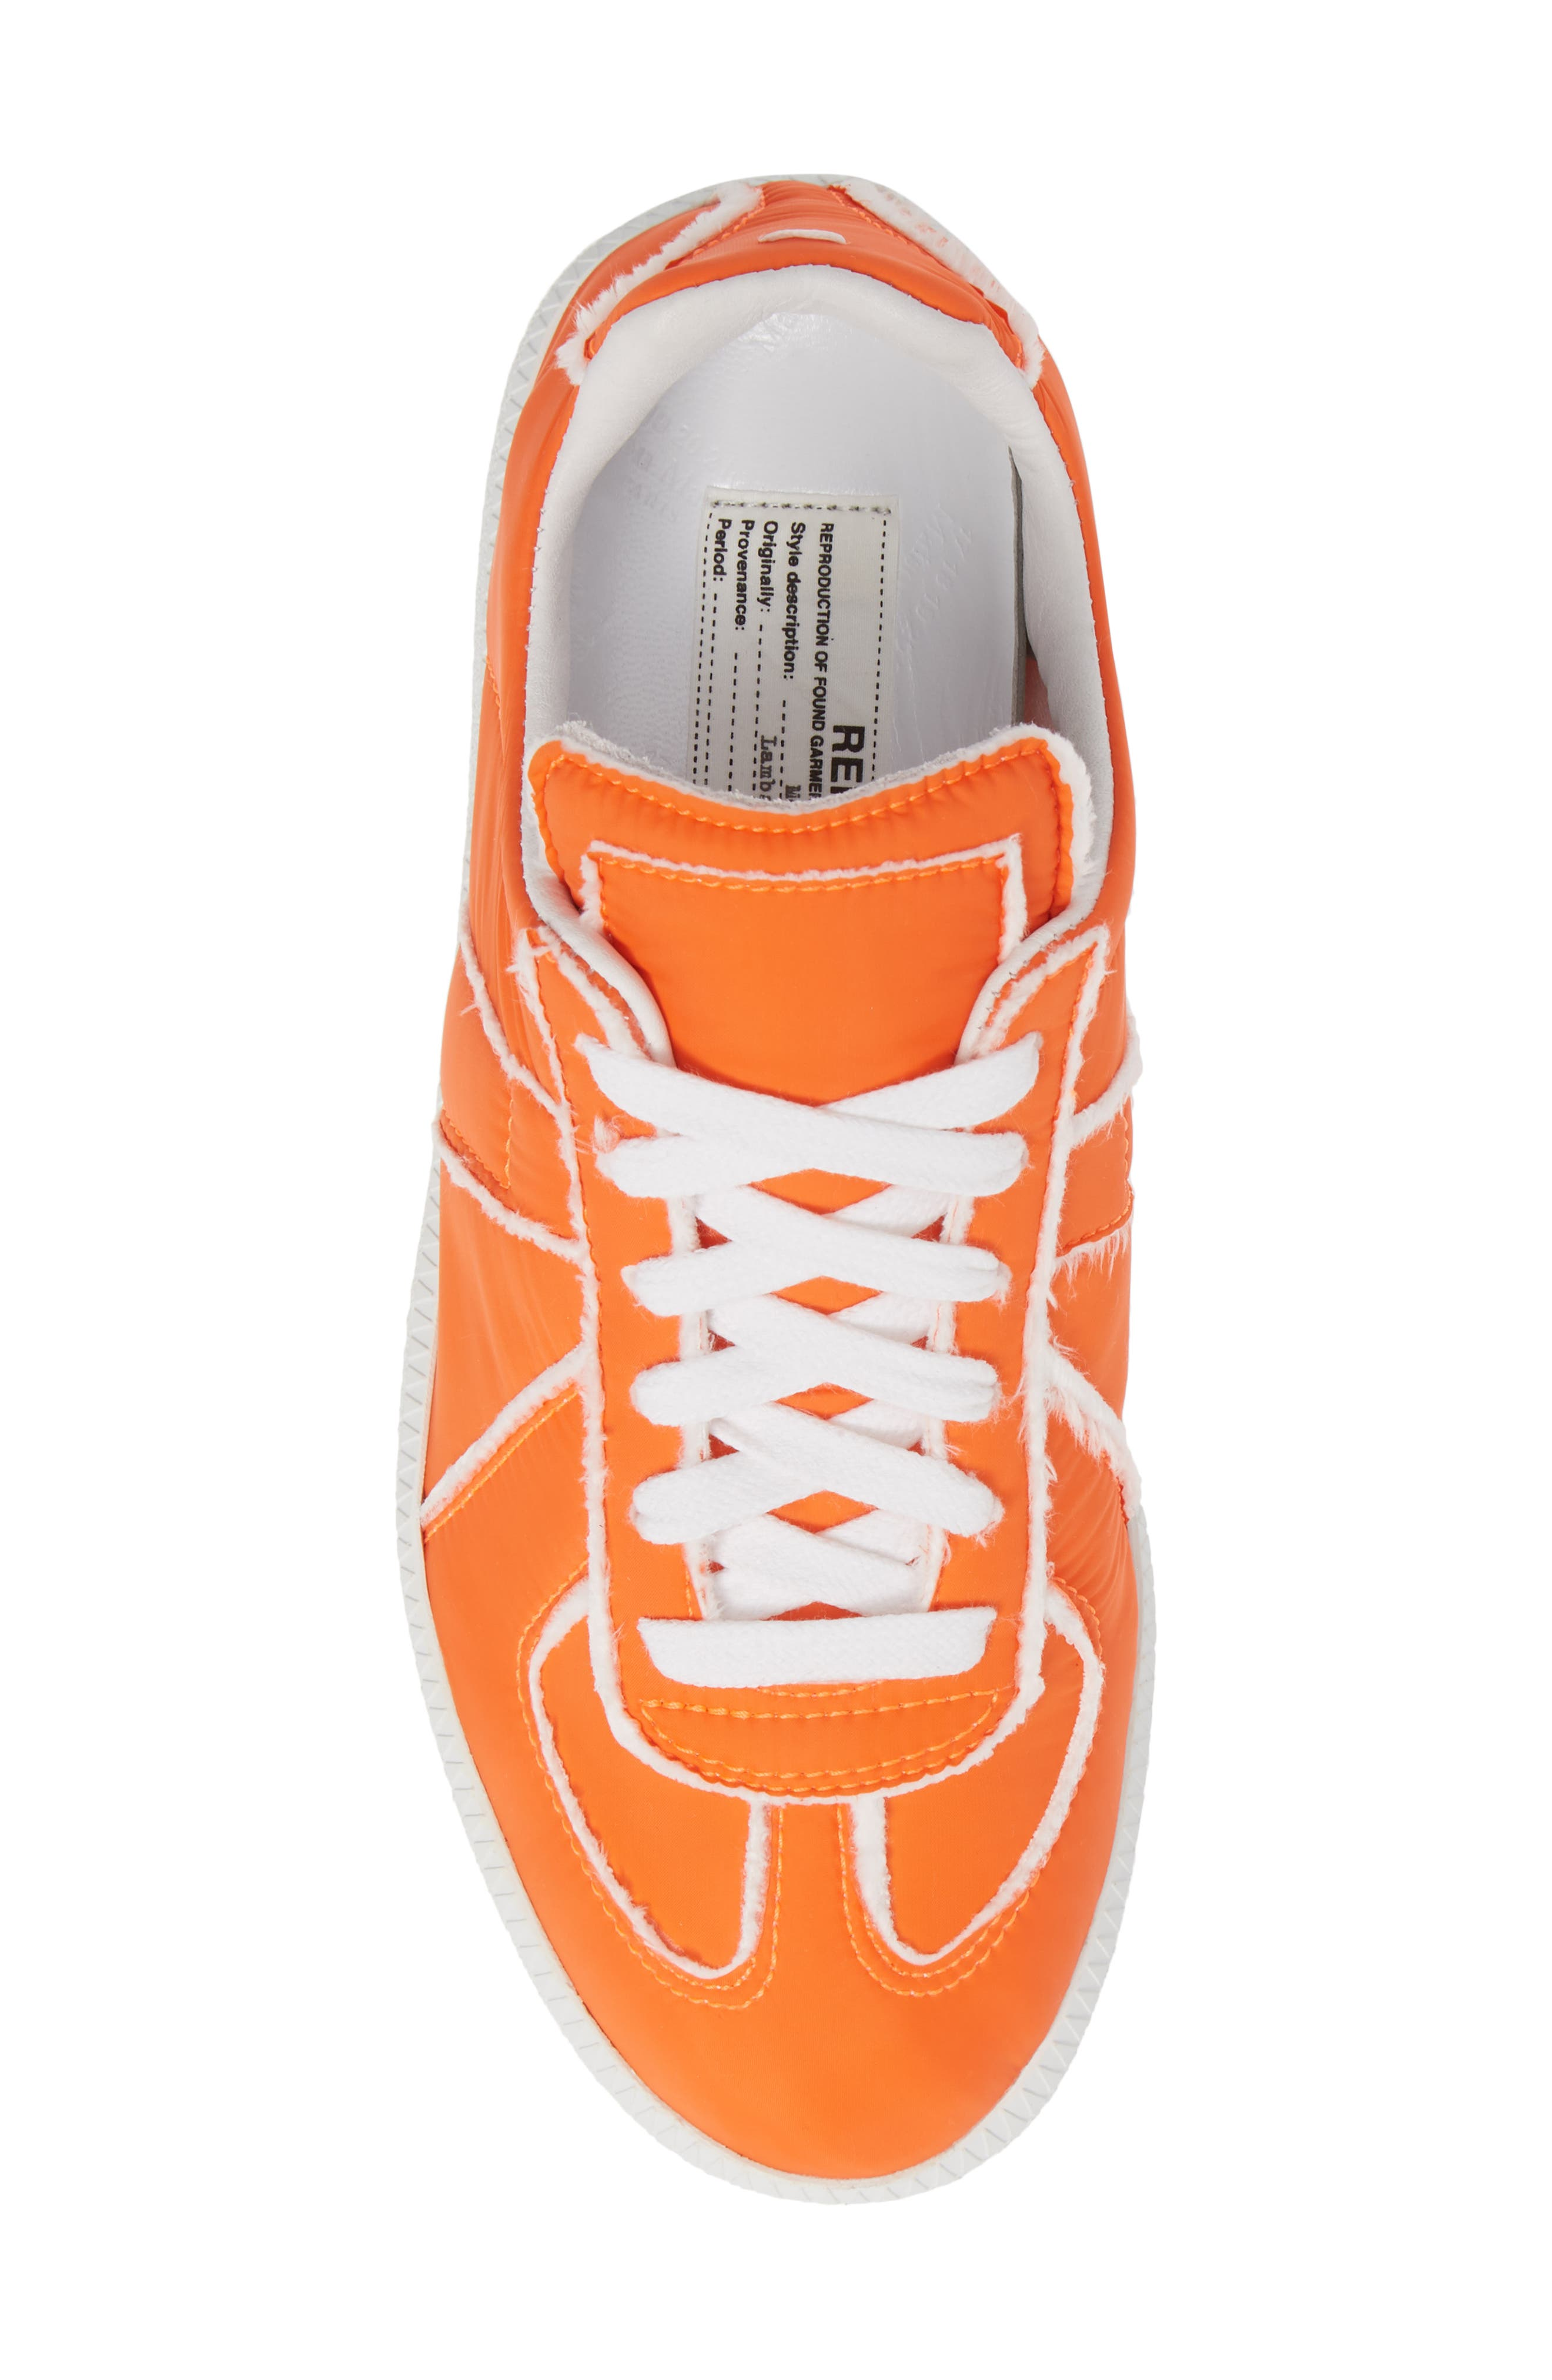 MAISON MARGIELA, Replica Lace-Up Sneaker, Alternate thumbnail 5, color, VERMILLION ORANGE